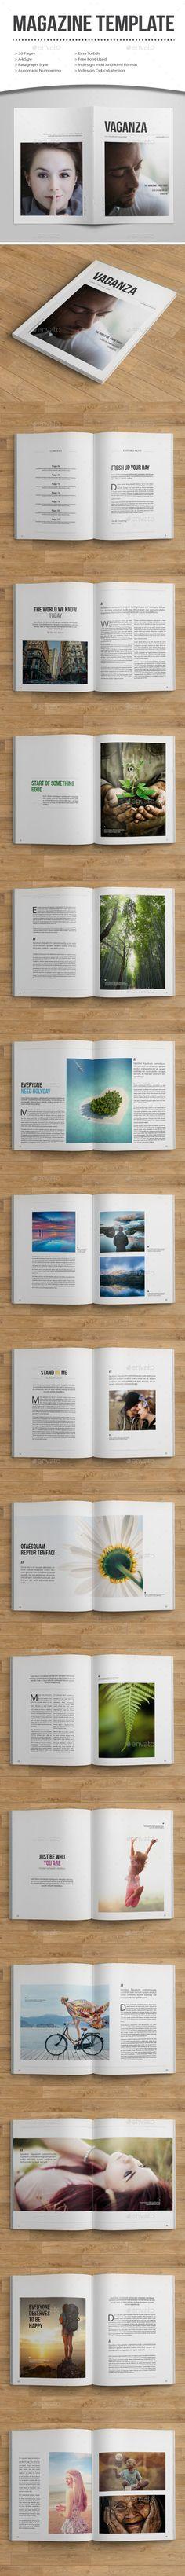 Minimal MagazineTemplate